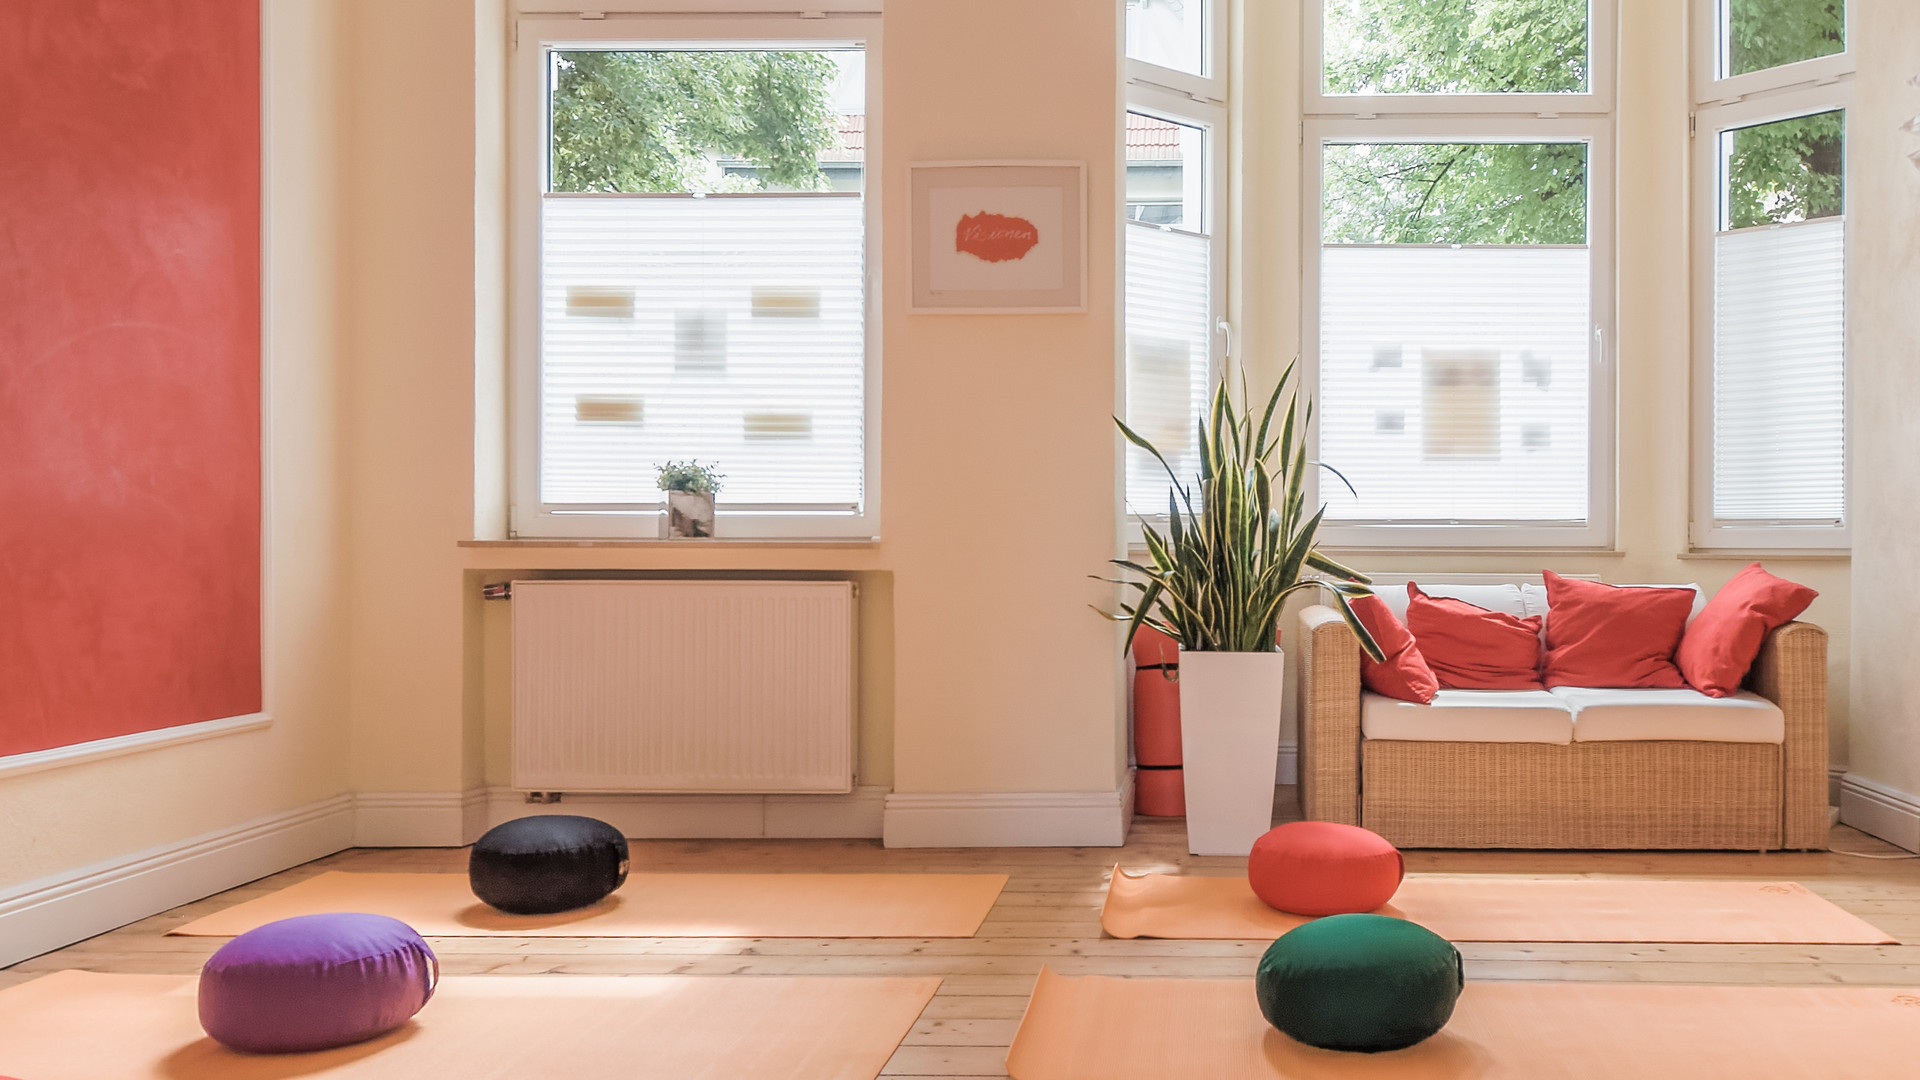 Seminarraum mieten Bonn, Meetingraum mieten für Training, Coaching, Seminar, Workshop, Meeting bei relaxolution Bonn